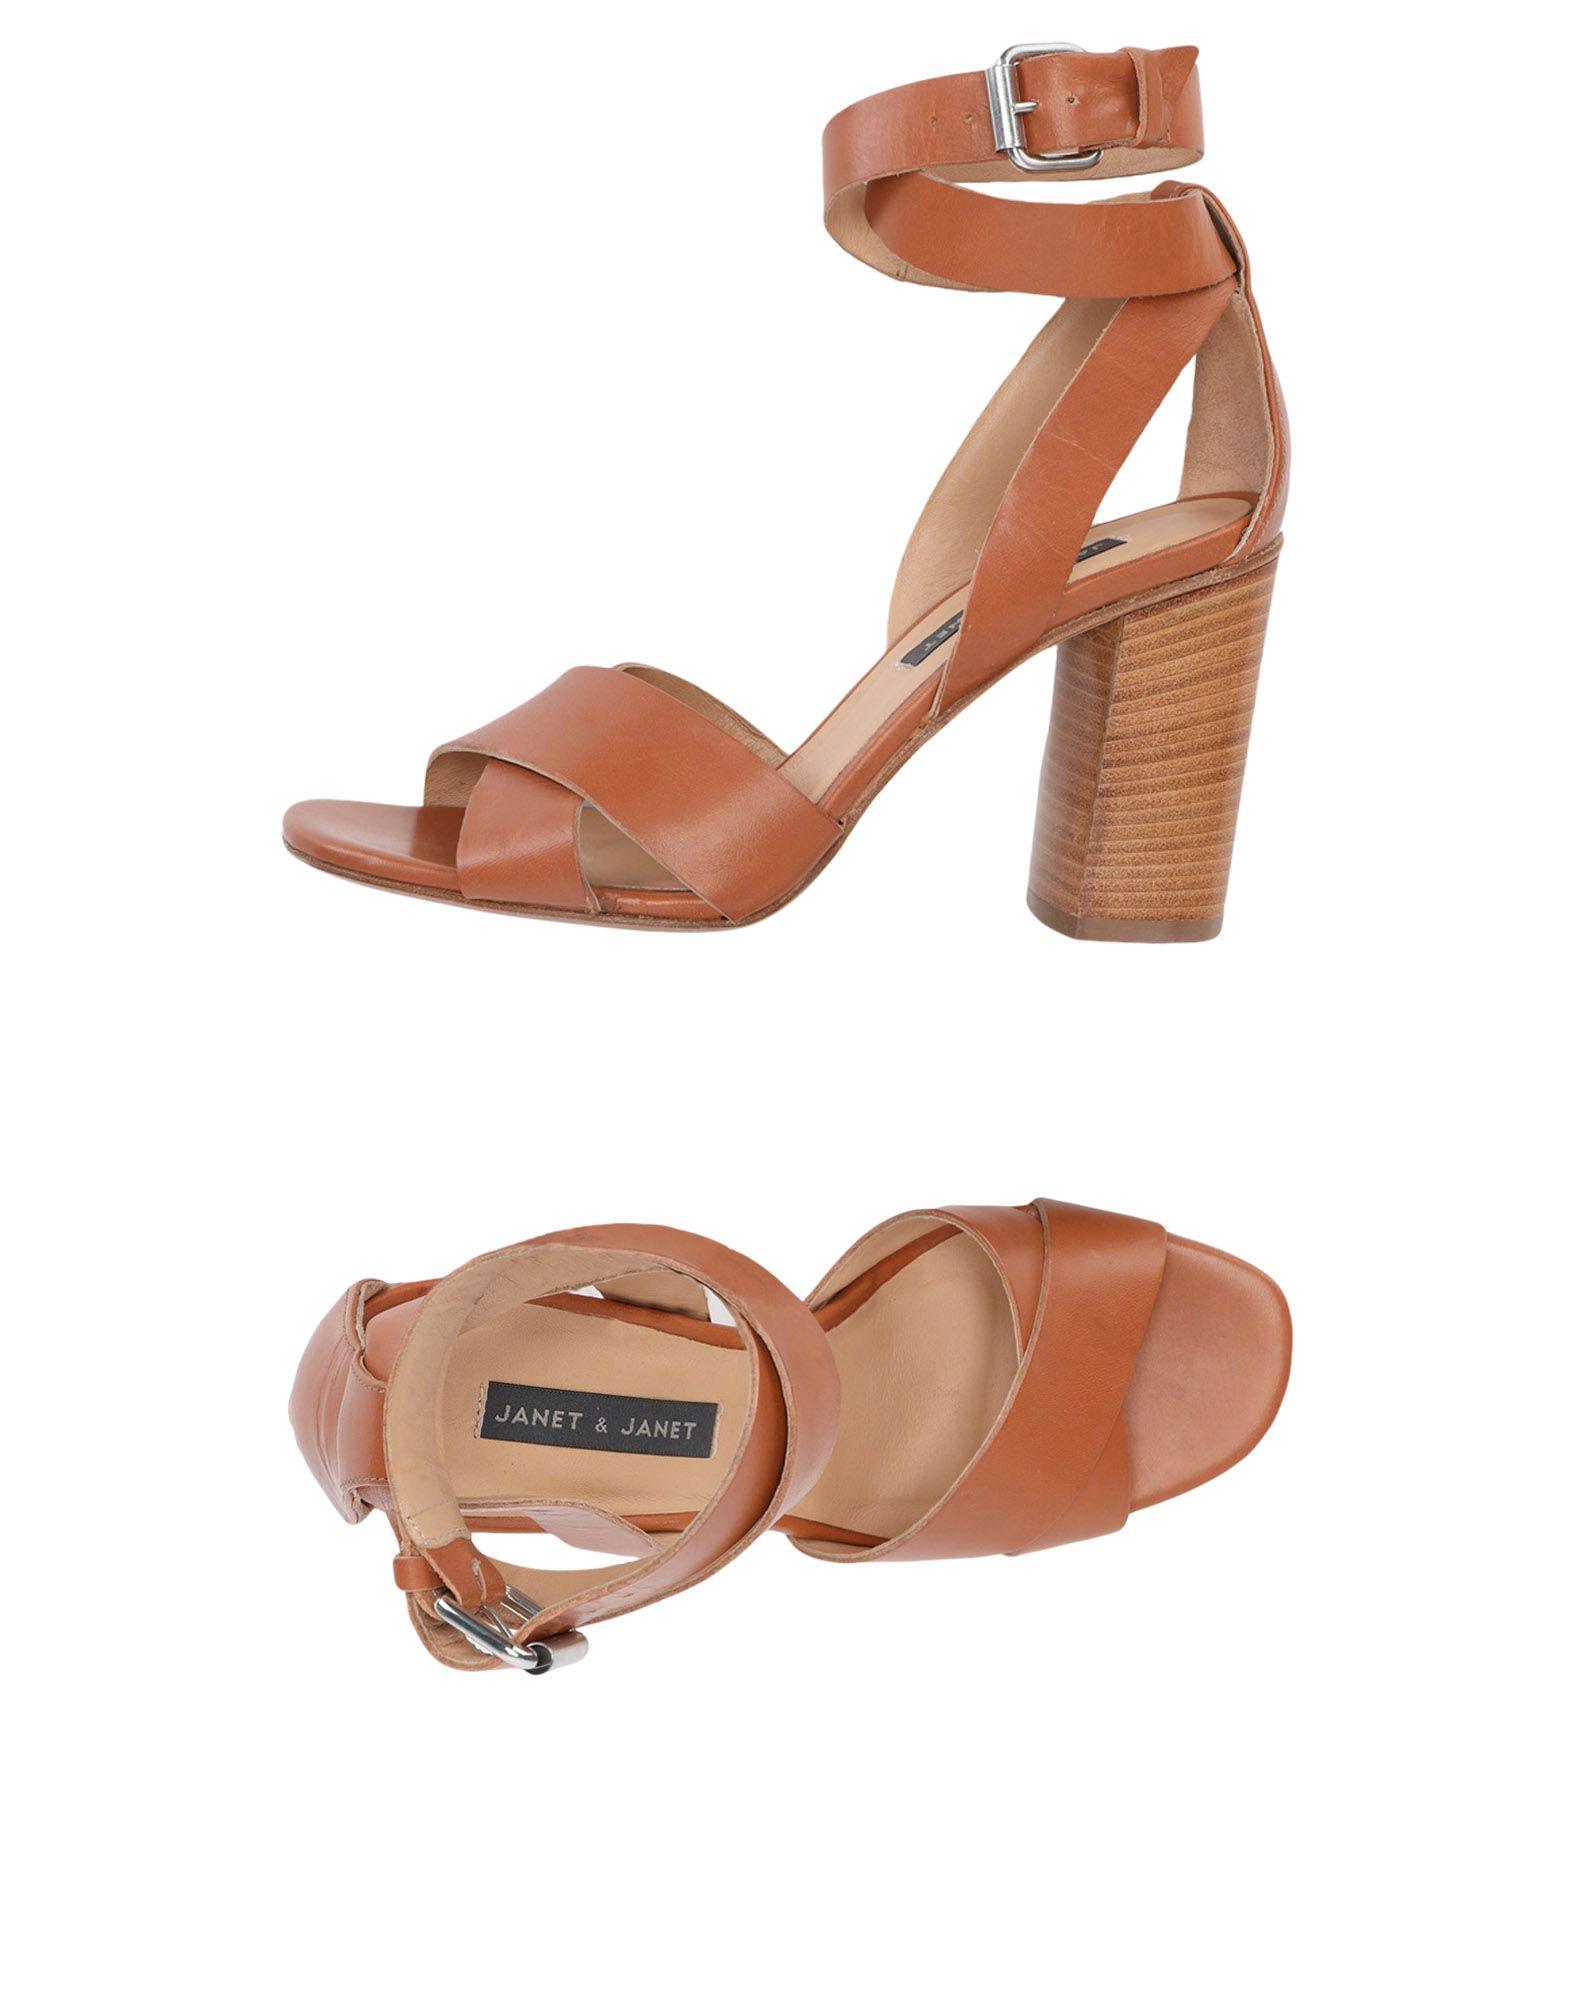 Janet & Janet Sandalen Damen  11343820JI Gute Qualität beliebte Schuhe